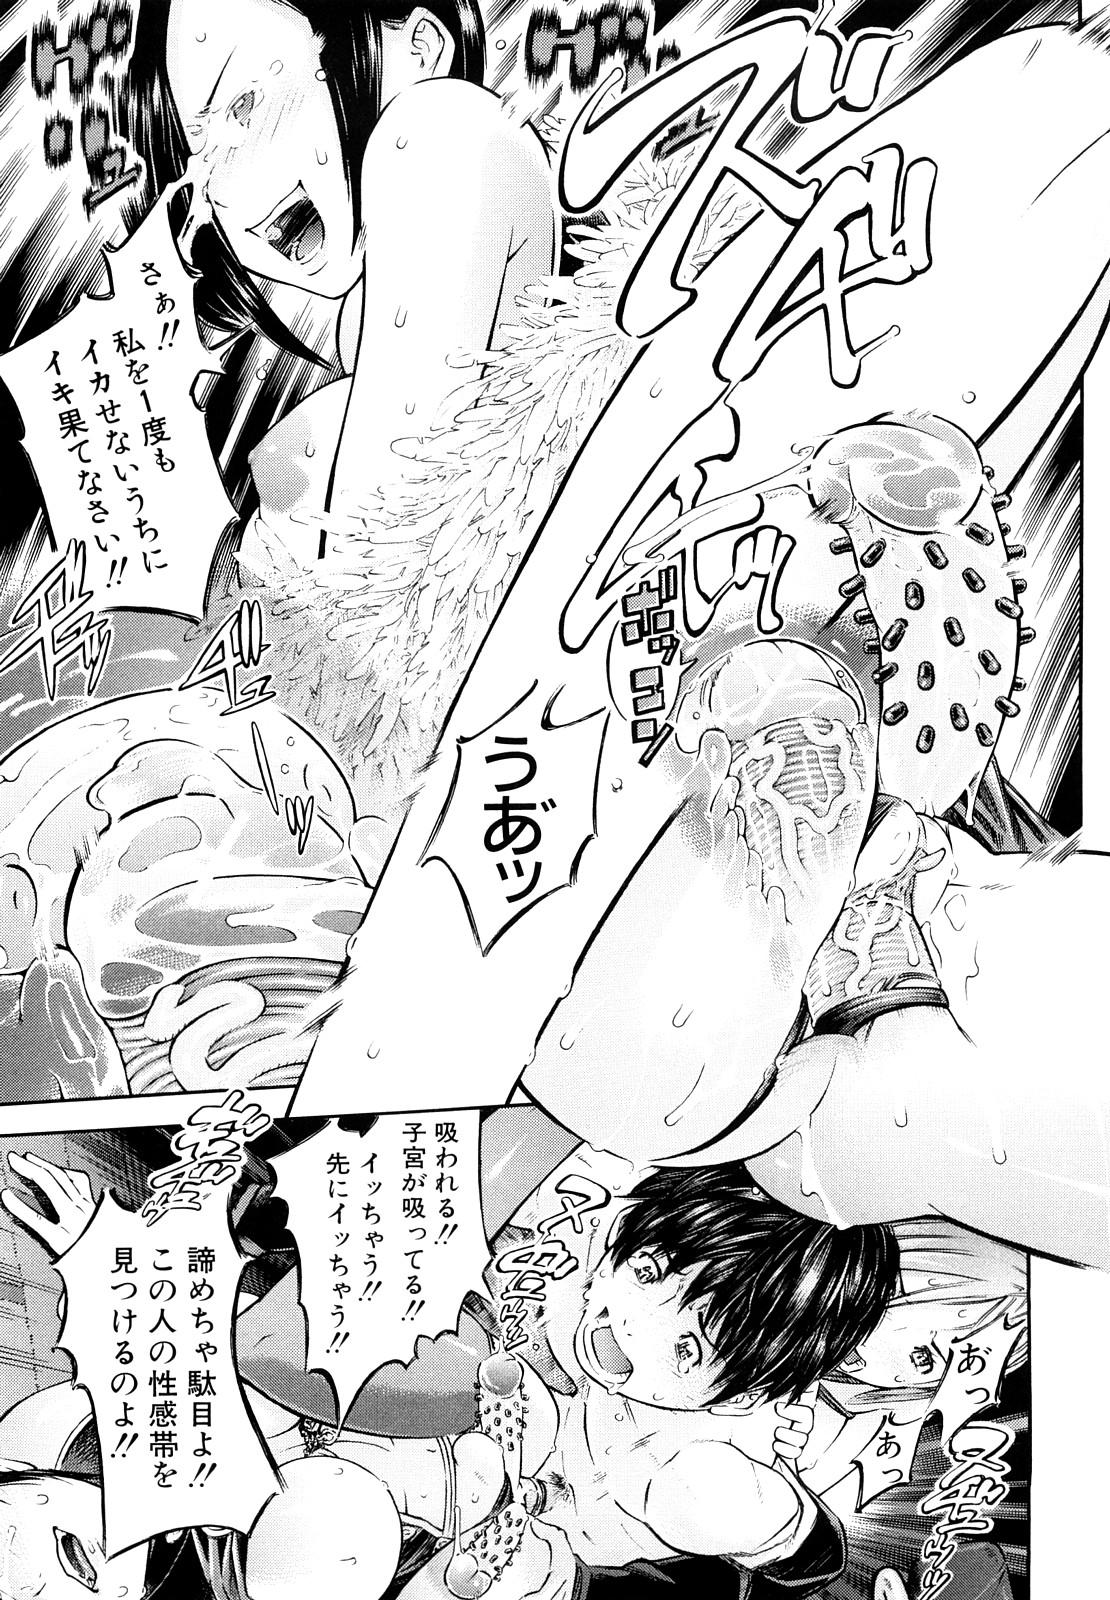 Chijyotachi no Kirifuda 69